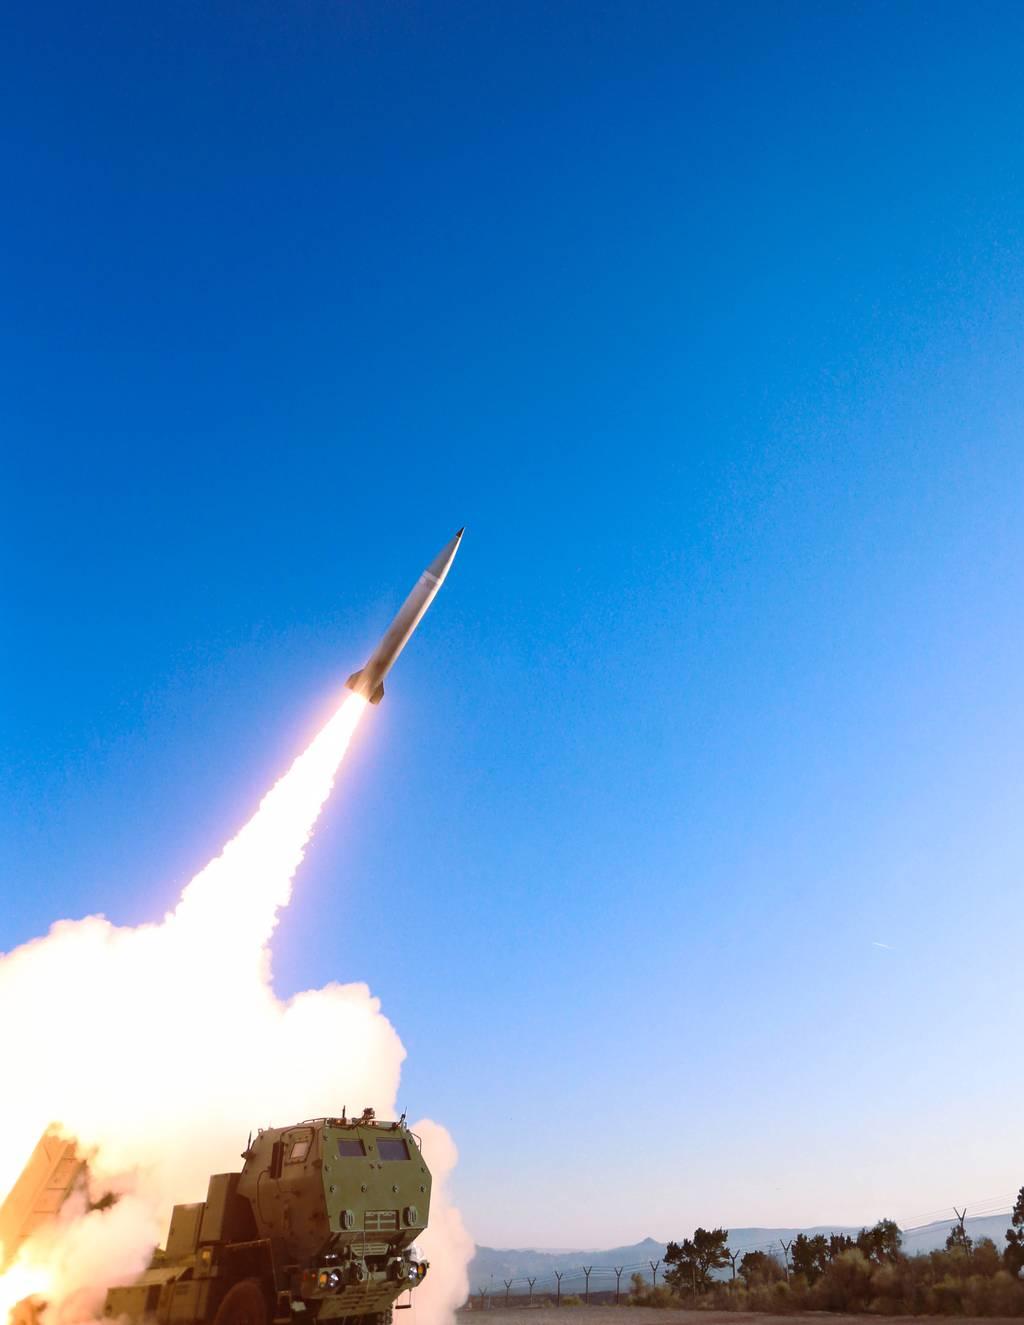 El misil de ataque de precisión del Ejército de EE. UU. Rompe el récord de distancia en una prueba de vuelo